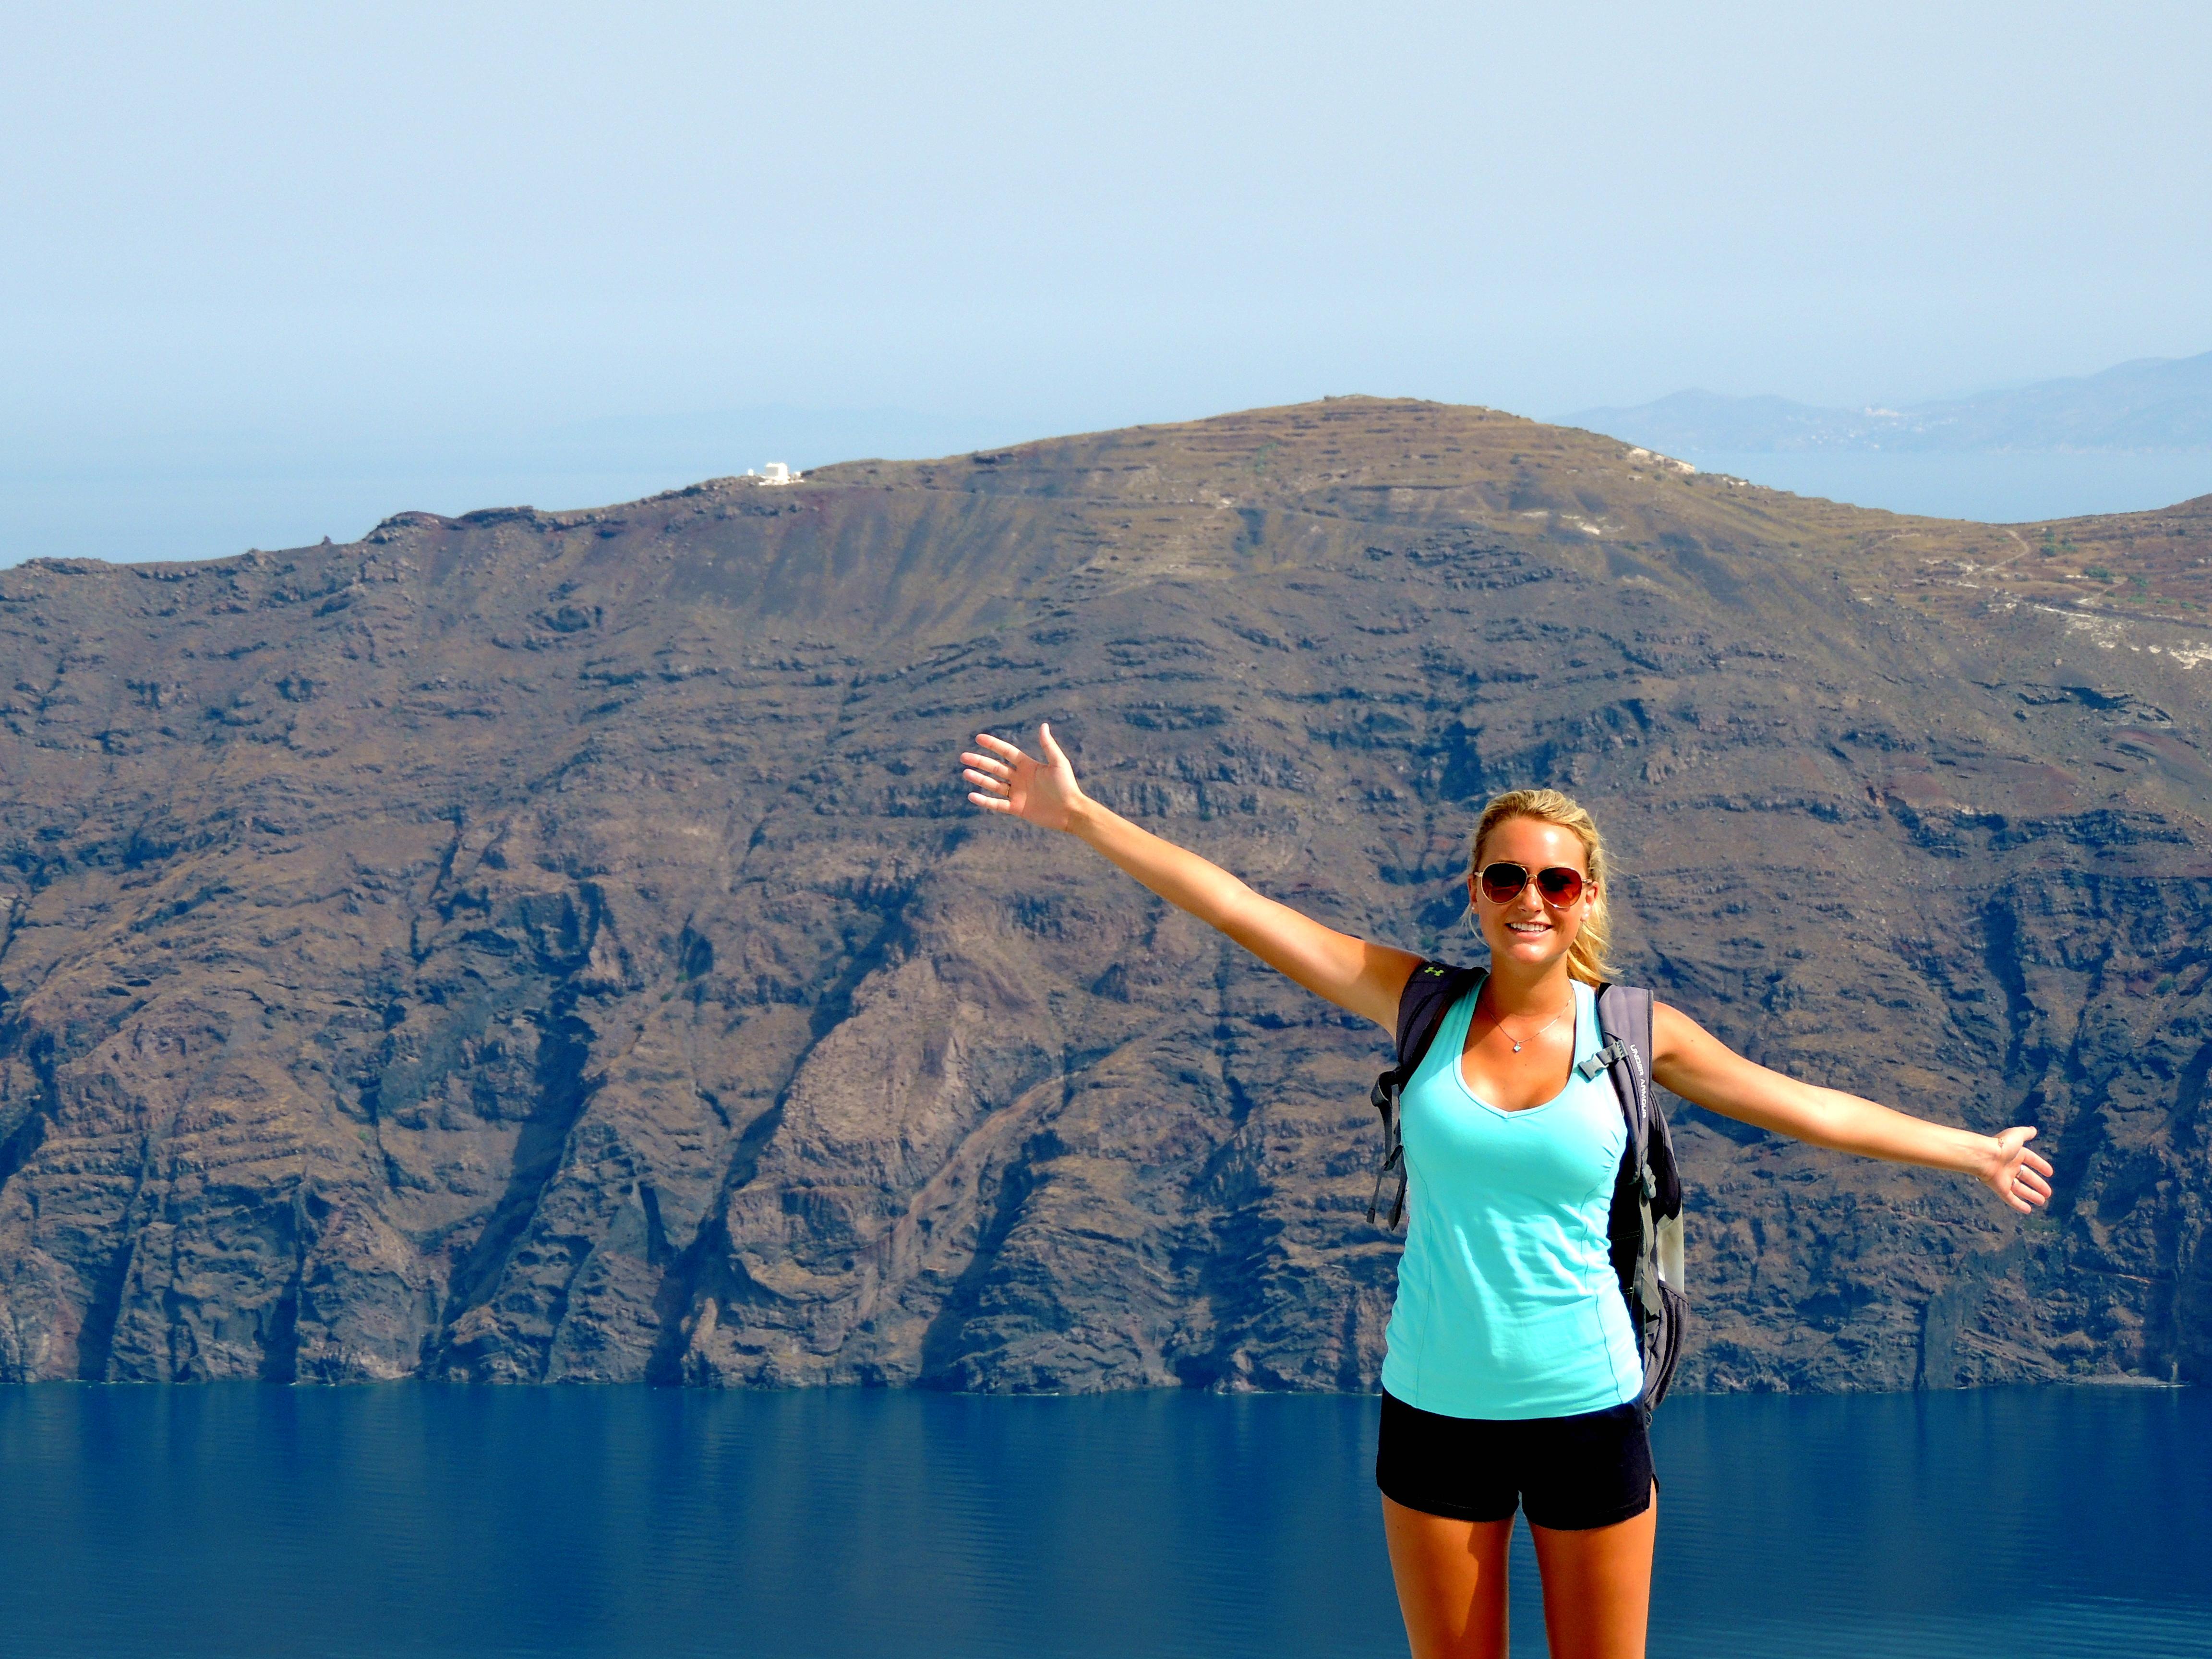 Hiking in Greece